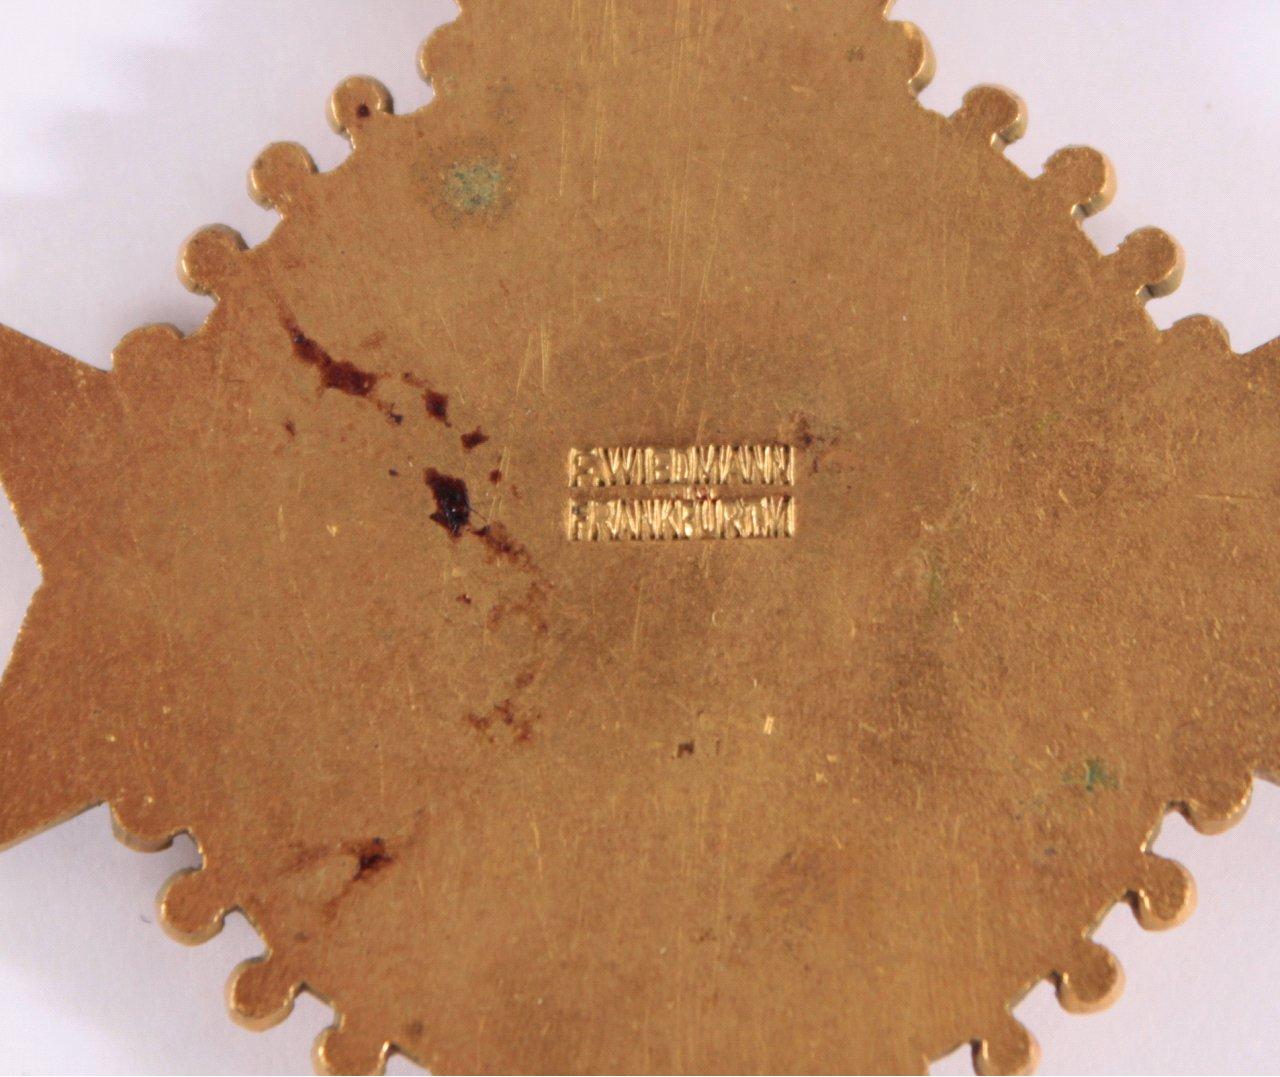 Weitpreis 17. Kongress der ARU in Düsseldorf 1902-2